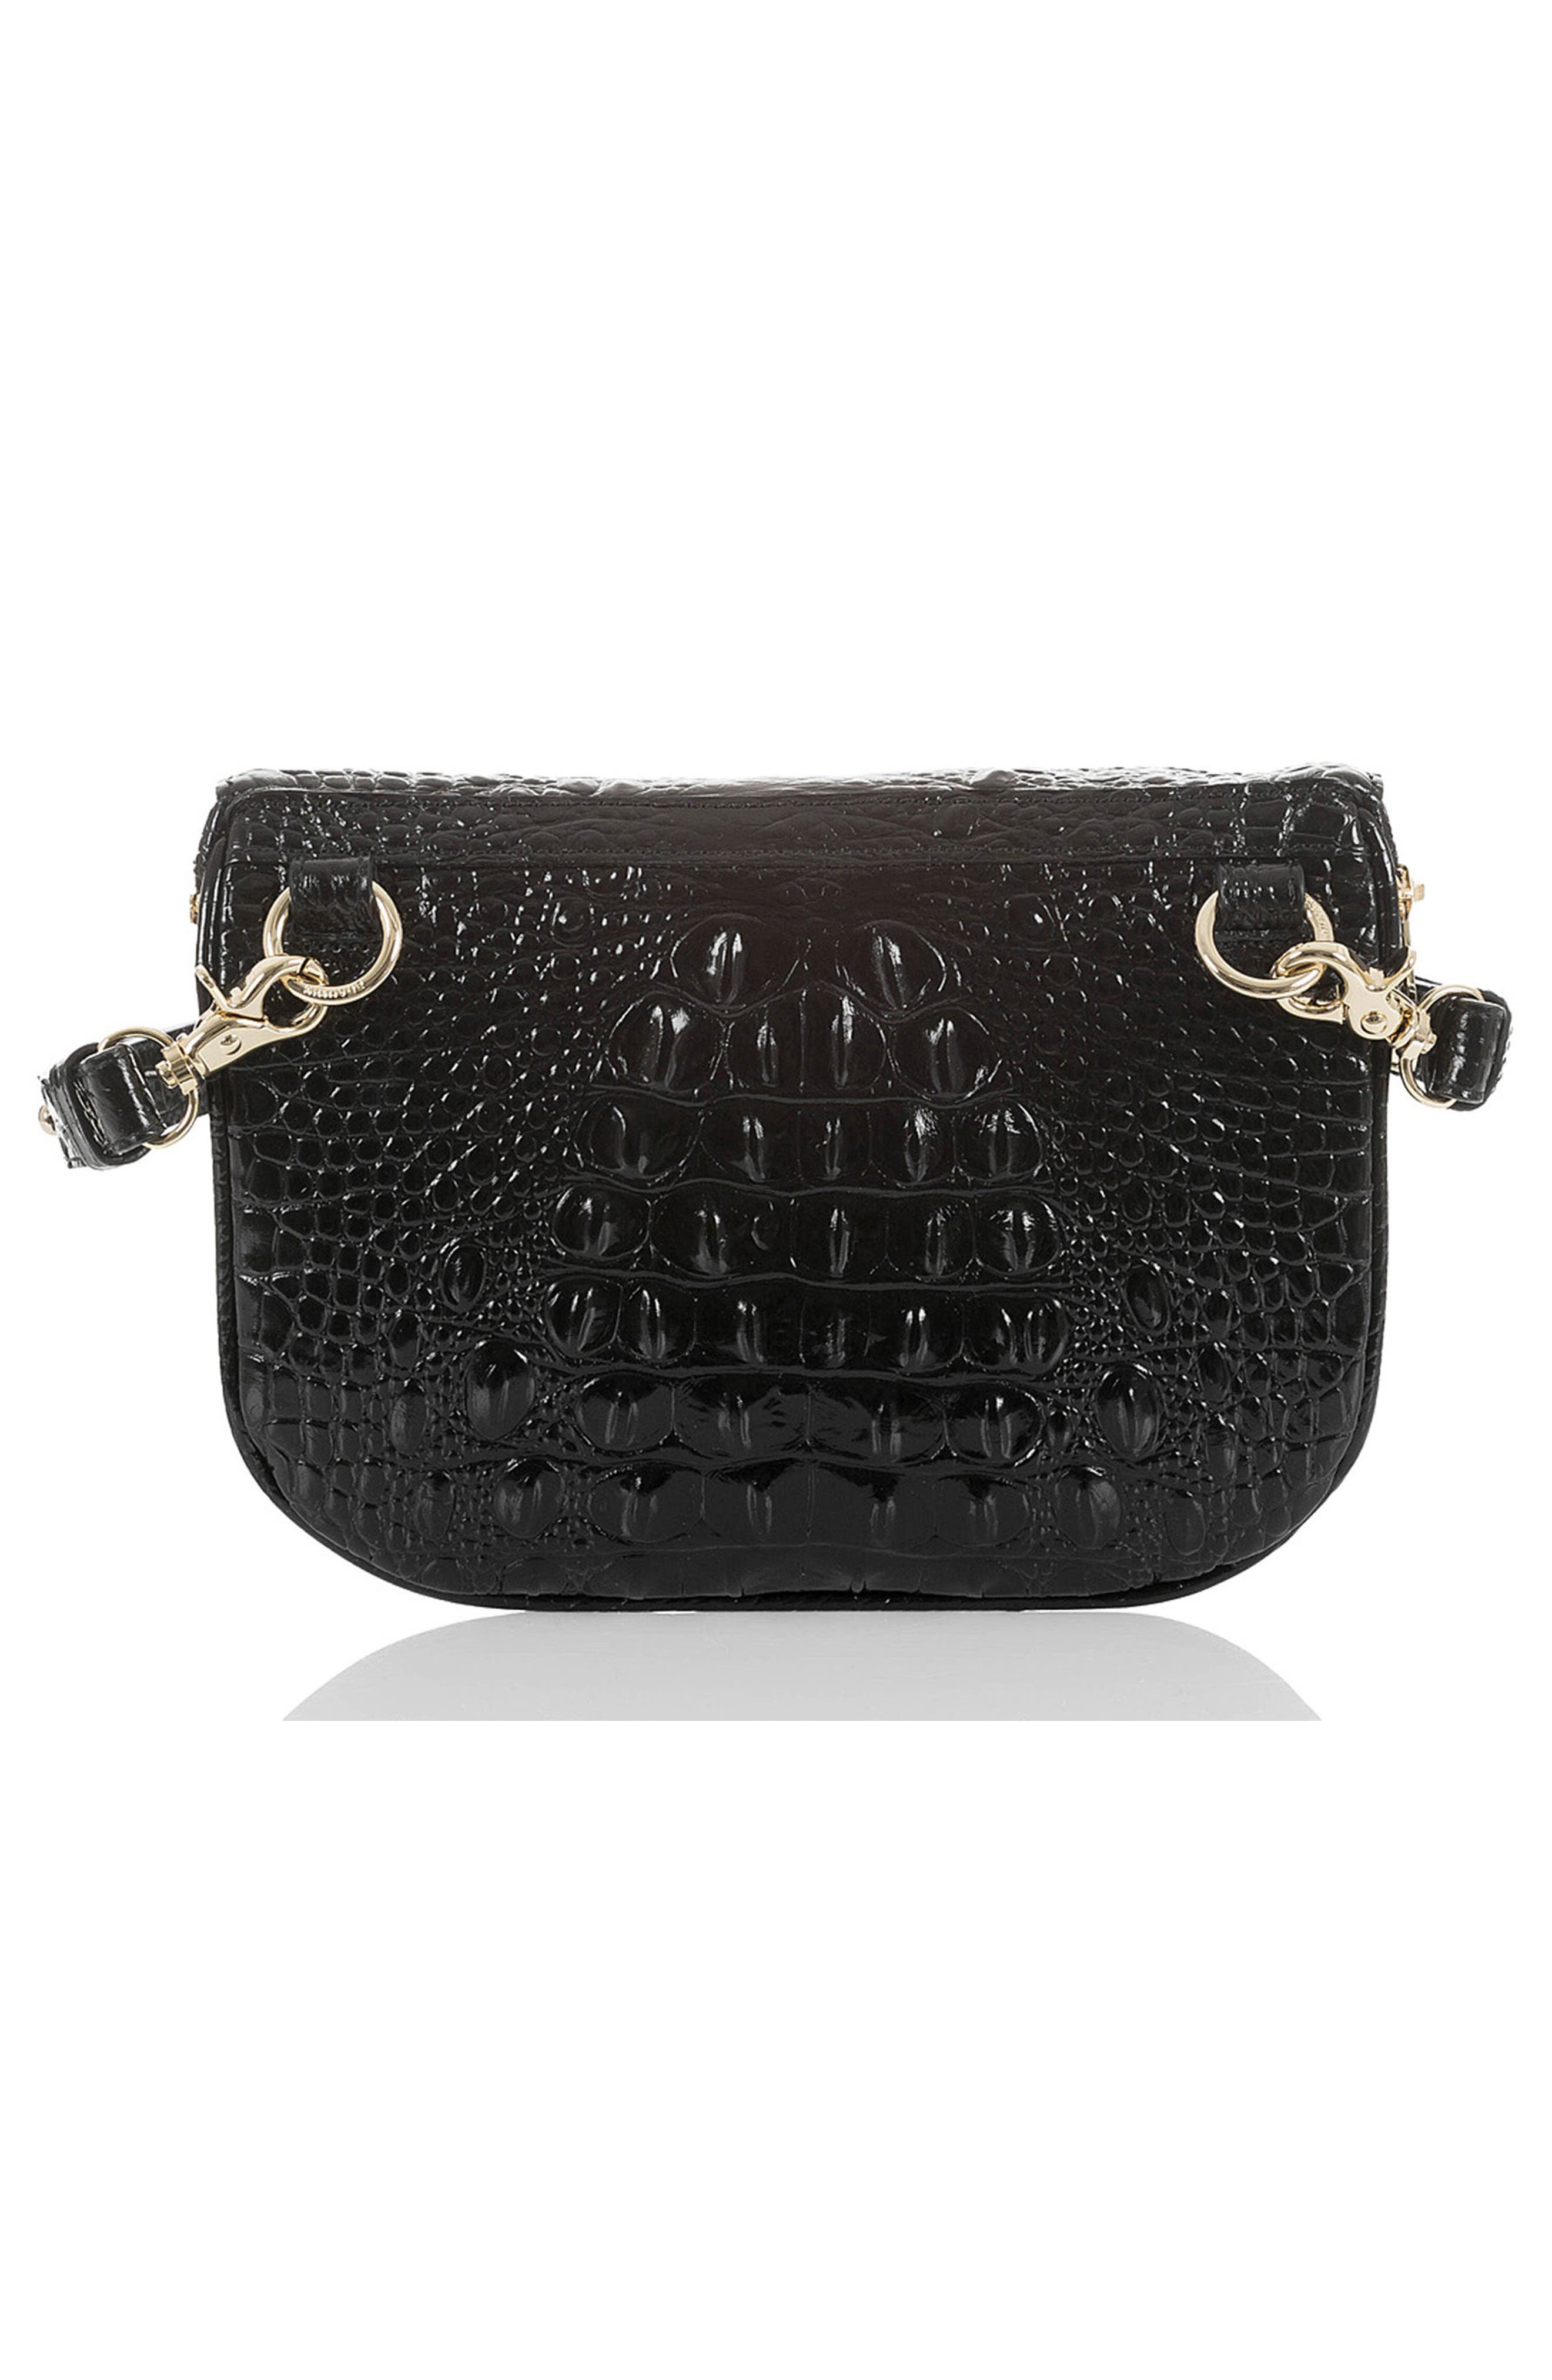 BRAHMIN, Croc Embossed Leather Belt Bag, Alternate thumbnail 3, color, BLACK